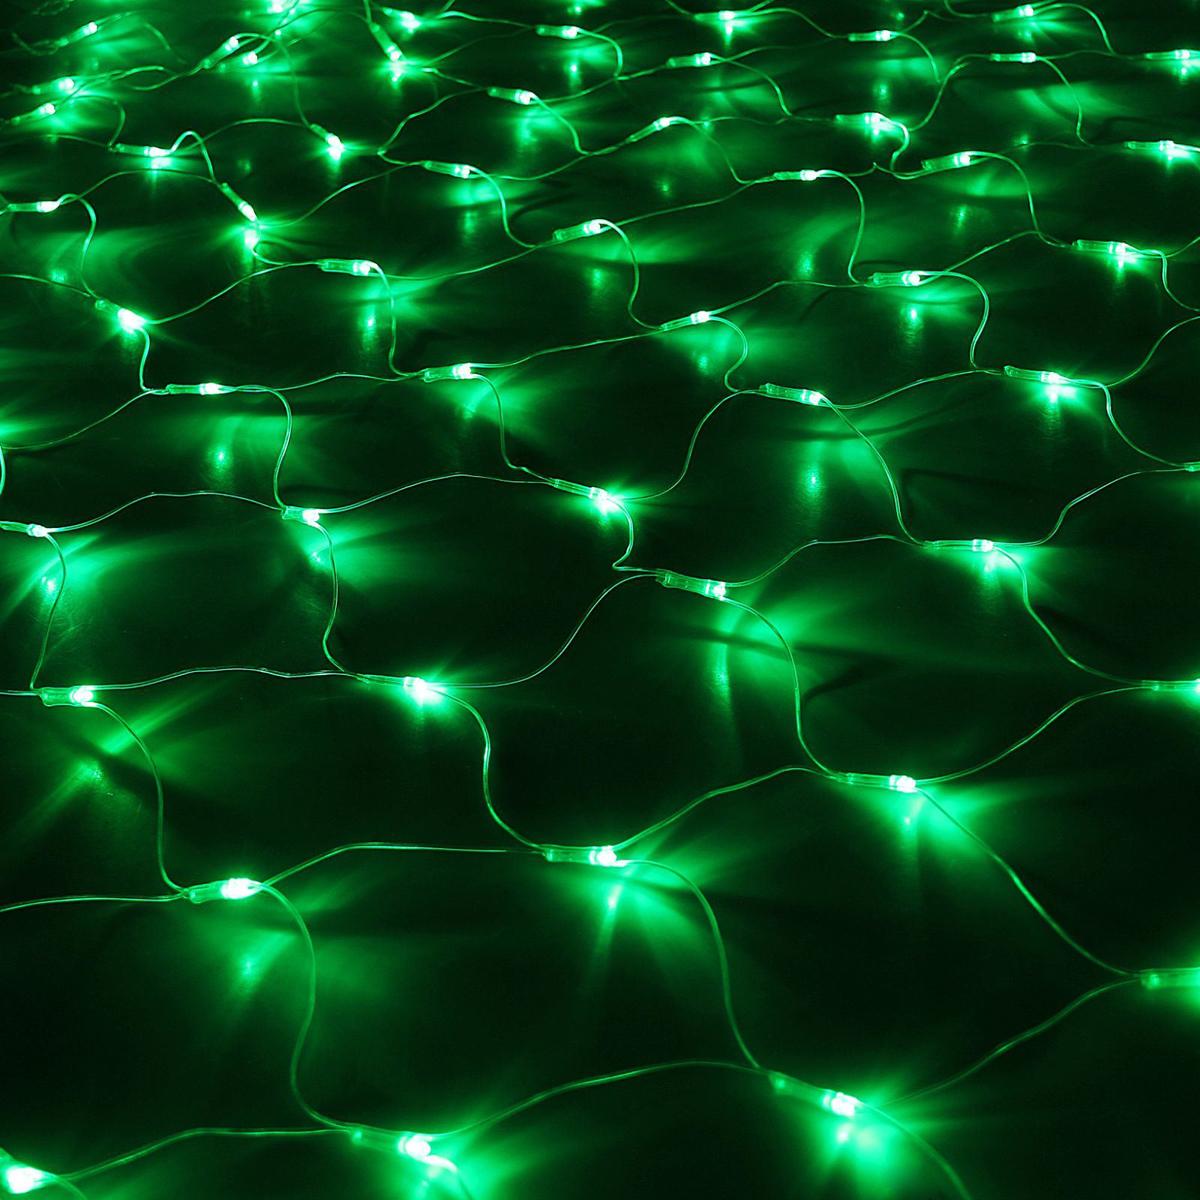 Гирлянда Luazon Сетка, длина 1,6 м, LED 144 ламп, 220V, цвет: зеленый1585749Светодиодные гирлянды, ленты и т.д — это отличный вариант для новогоднего оформления интерьера или фасада. С их помощью помещение любого размера можно превратить в праздничный зал, а внешние элементы зданий, украшенные ими, мгновенно станут напоминать очертания сказочного дворца. Такие украшения создают ауру предвкушения чуда. Деревья, фасады, витрины, окна и арки будто специально созданы, чтобы вы украсили их светящимися нитями.